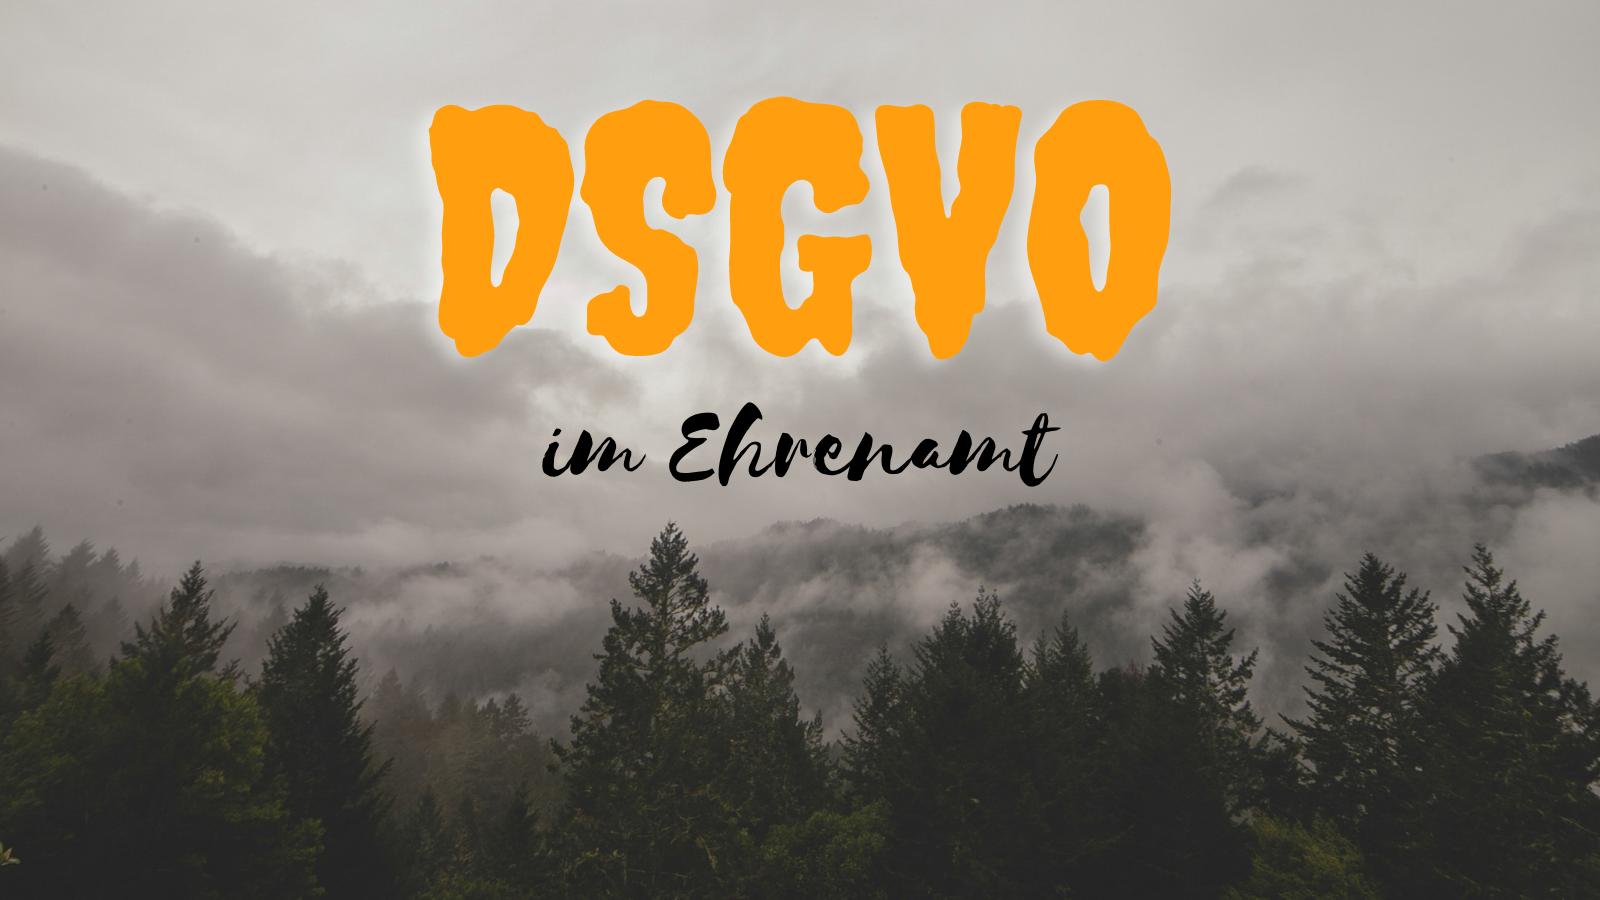 DSGVO im Ehrenamt